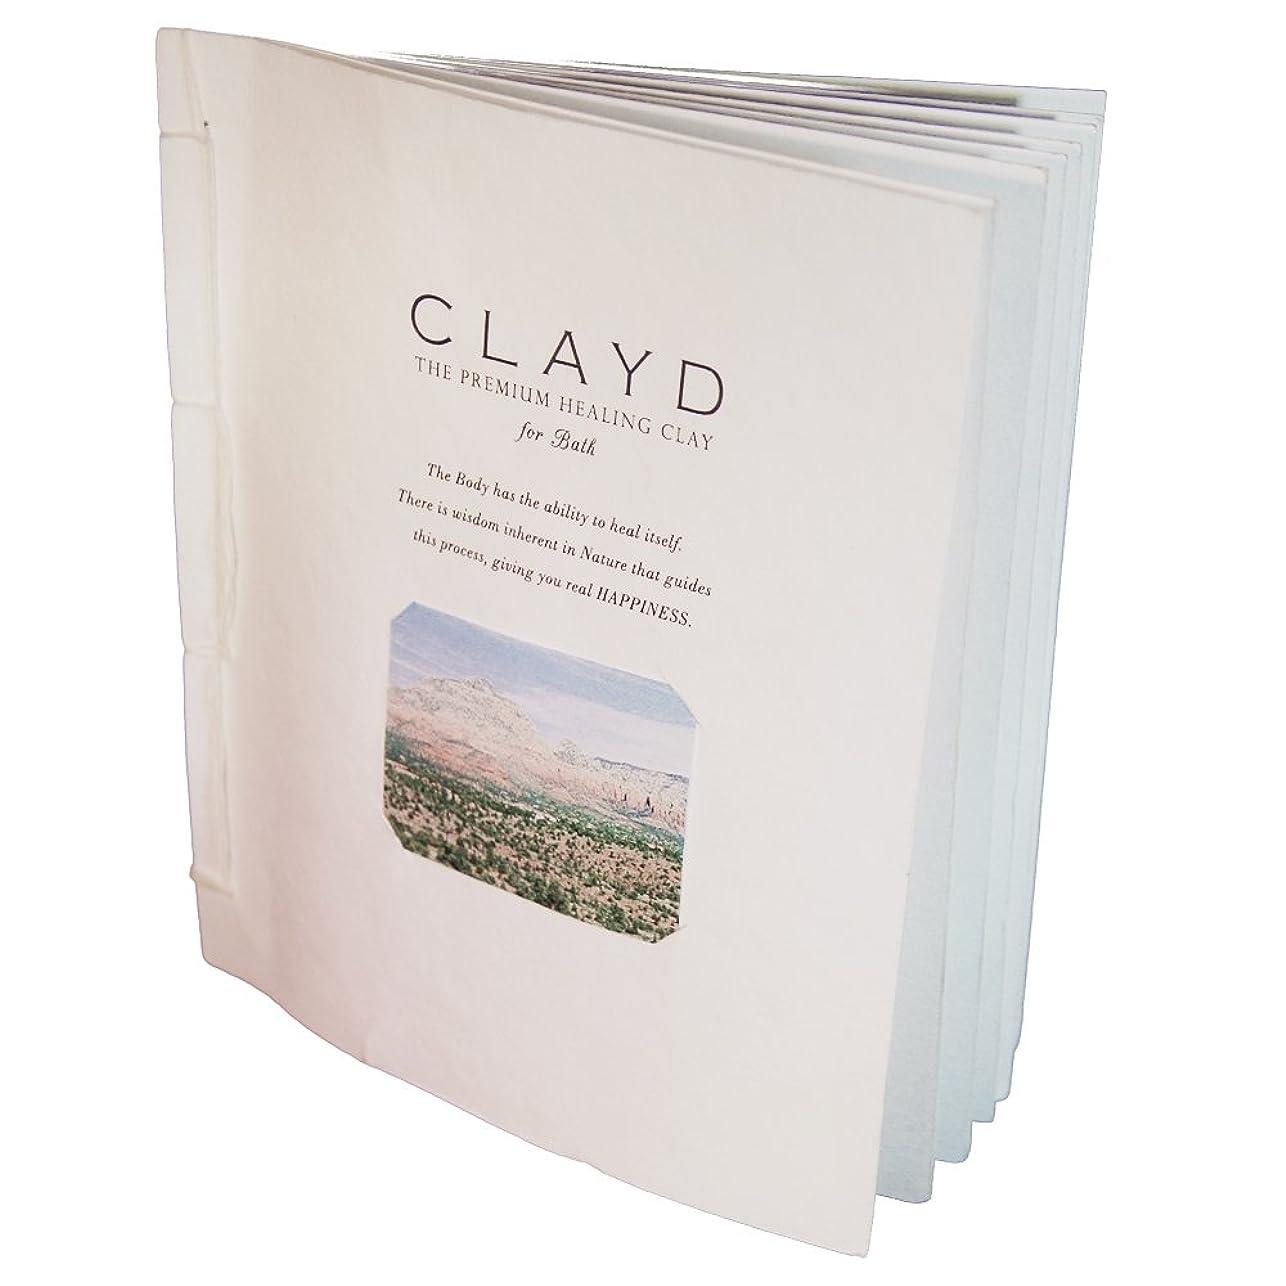 最初いじめっ子枕クレイド WEEK BOOK 30g×7包